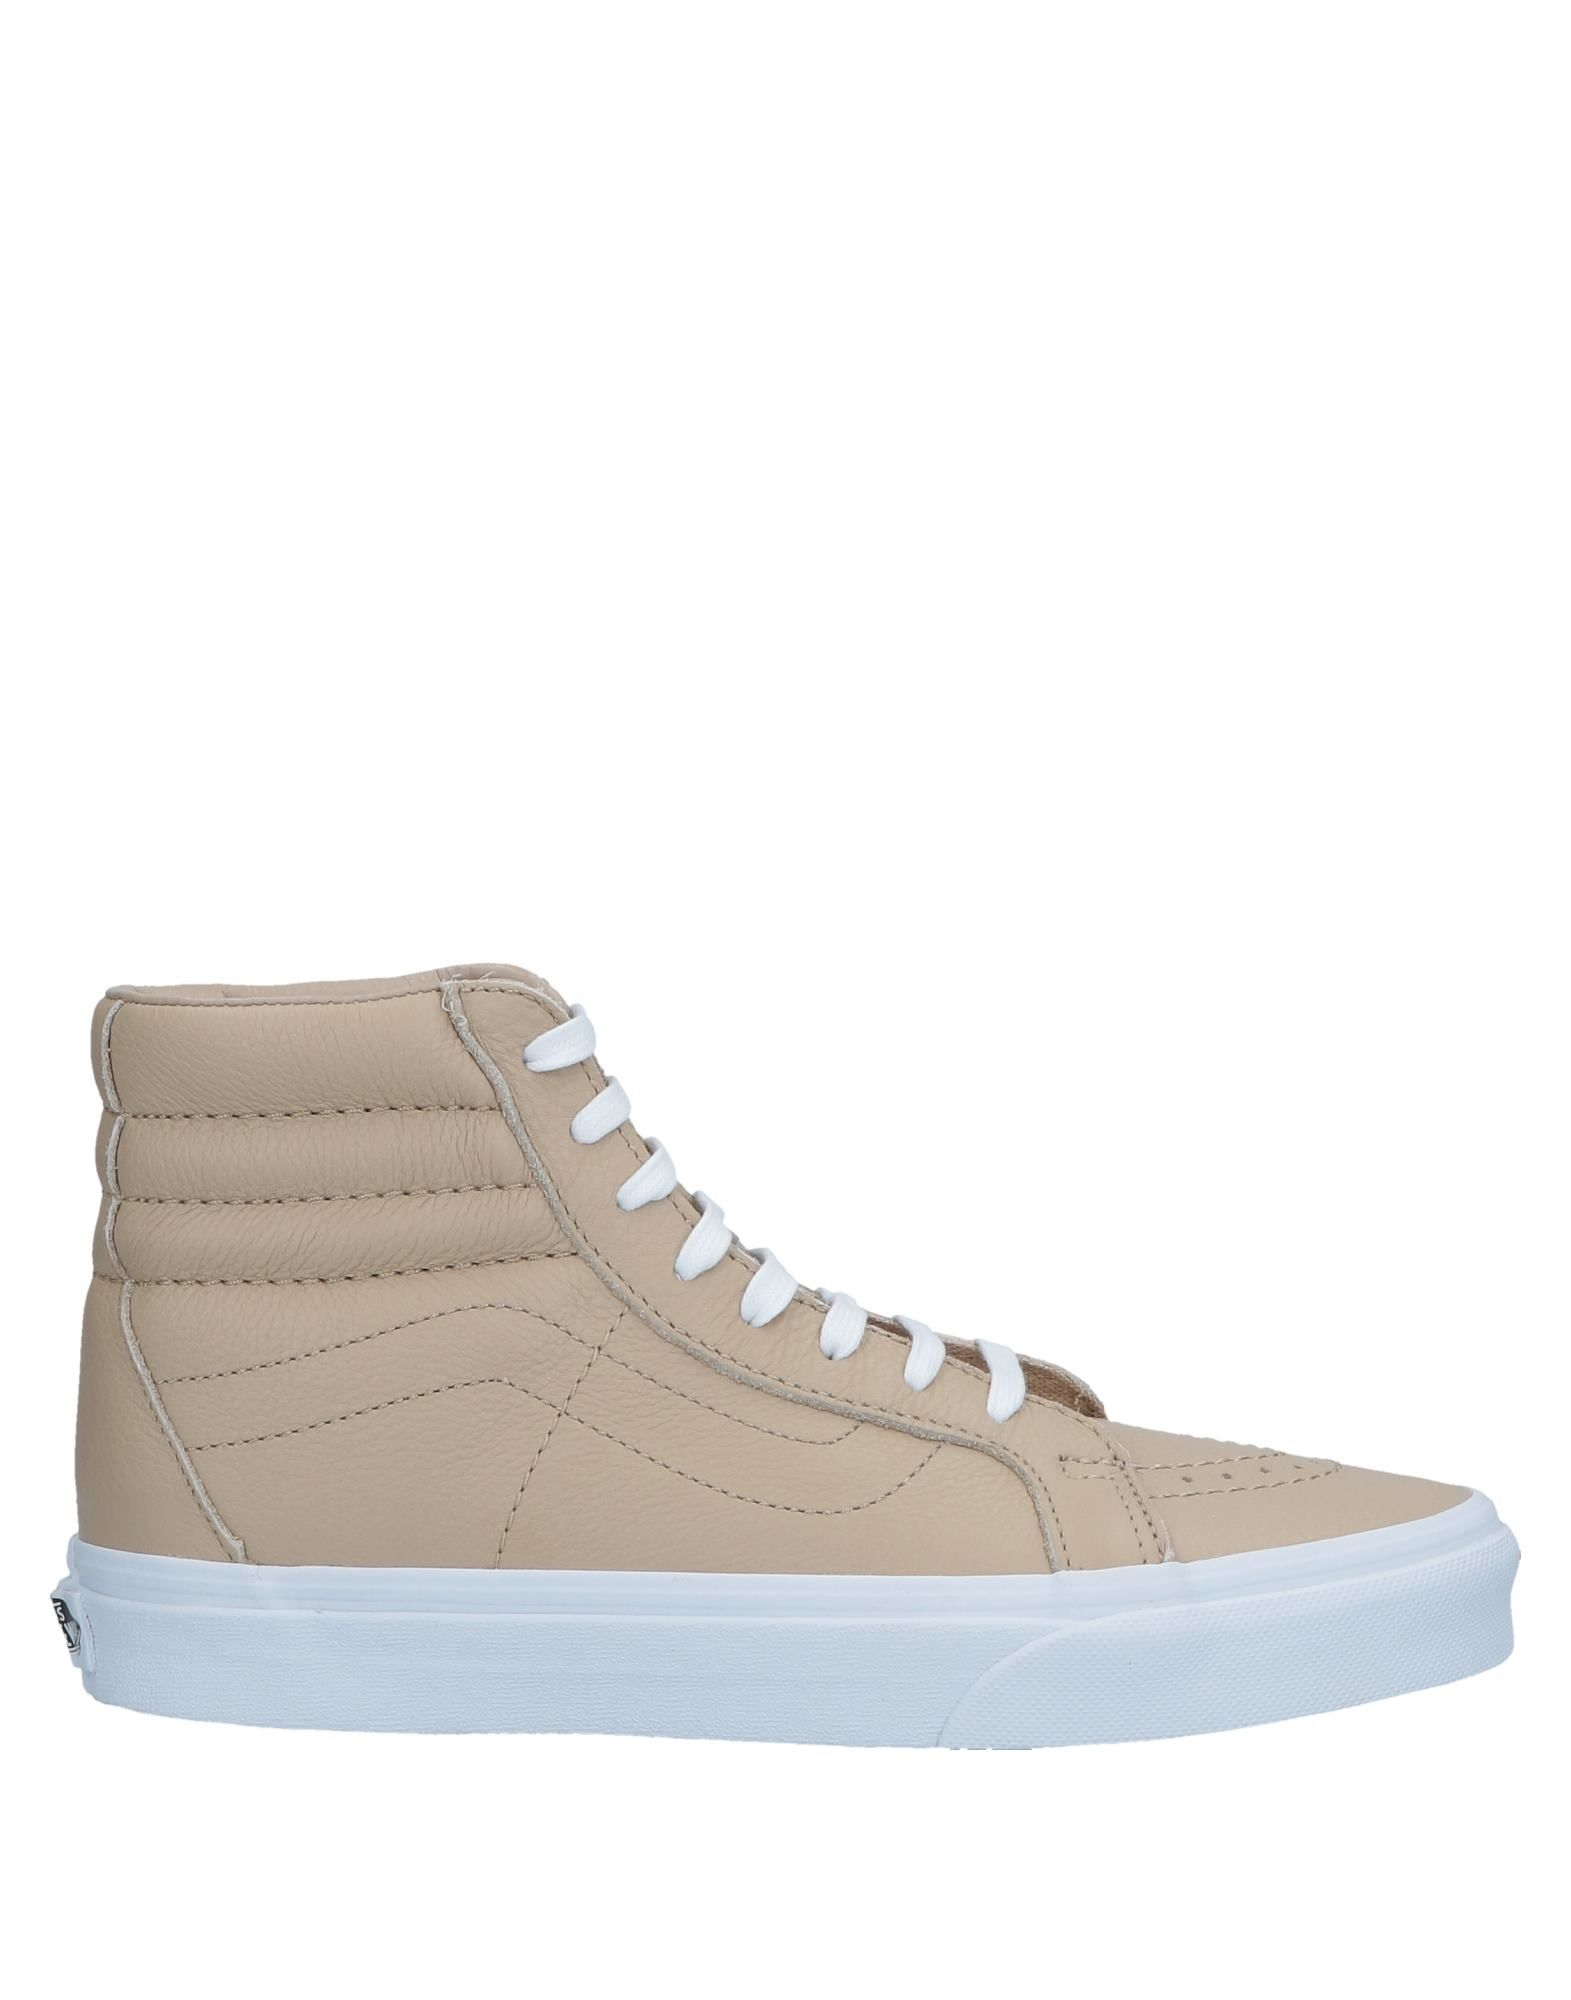 db8630e05d Vans Sneakers - Women Vans Sneakers online on YOOX Norway - 11606225IN